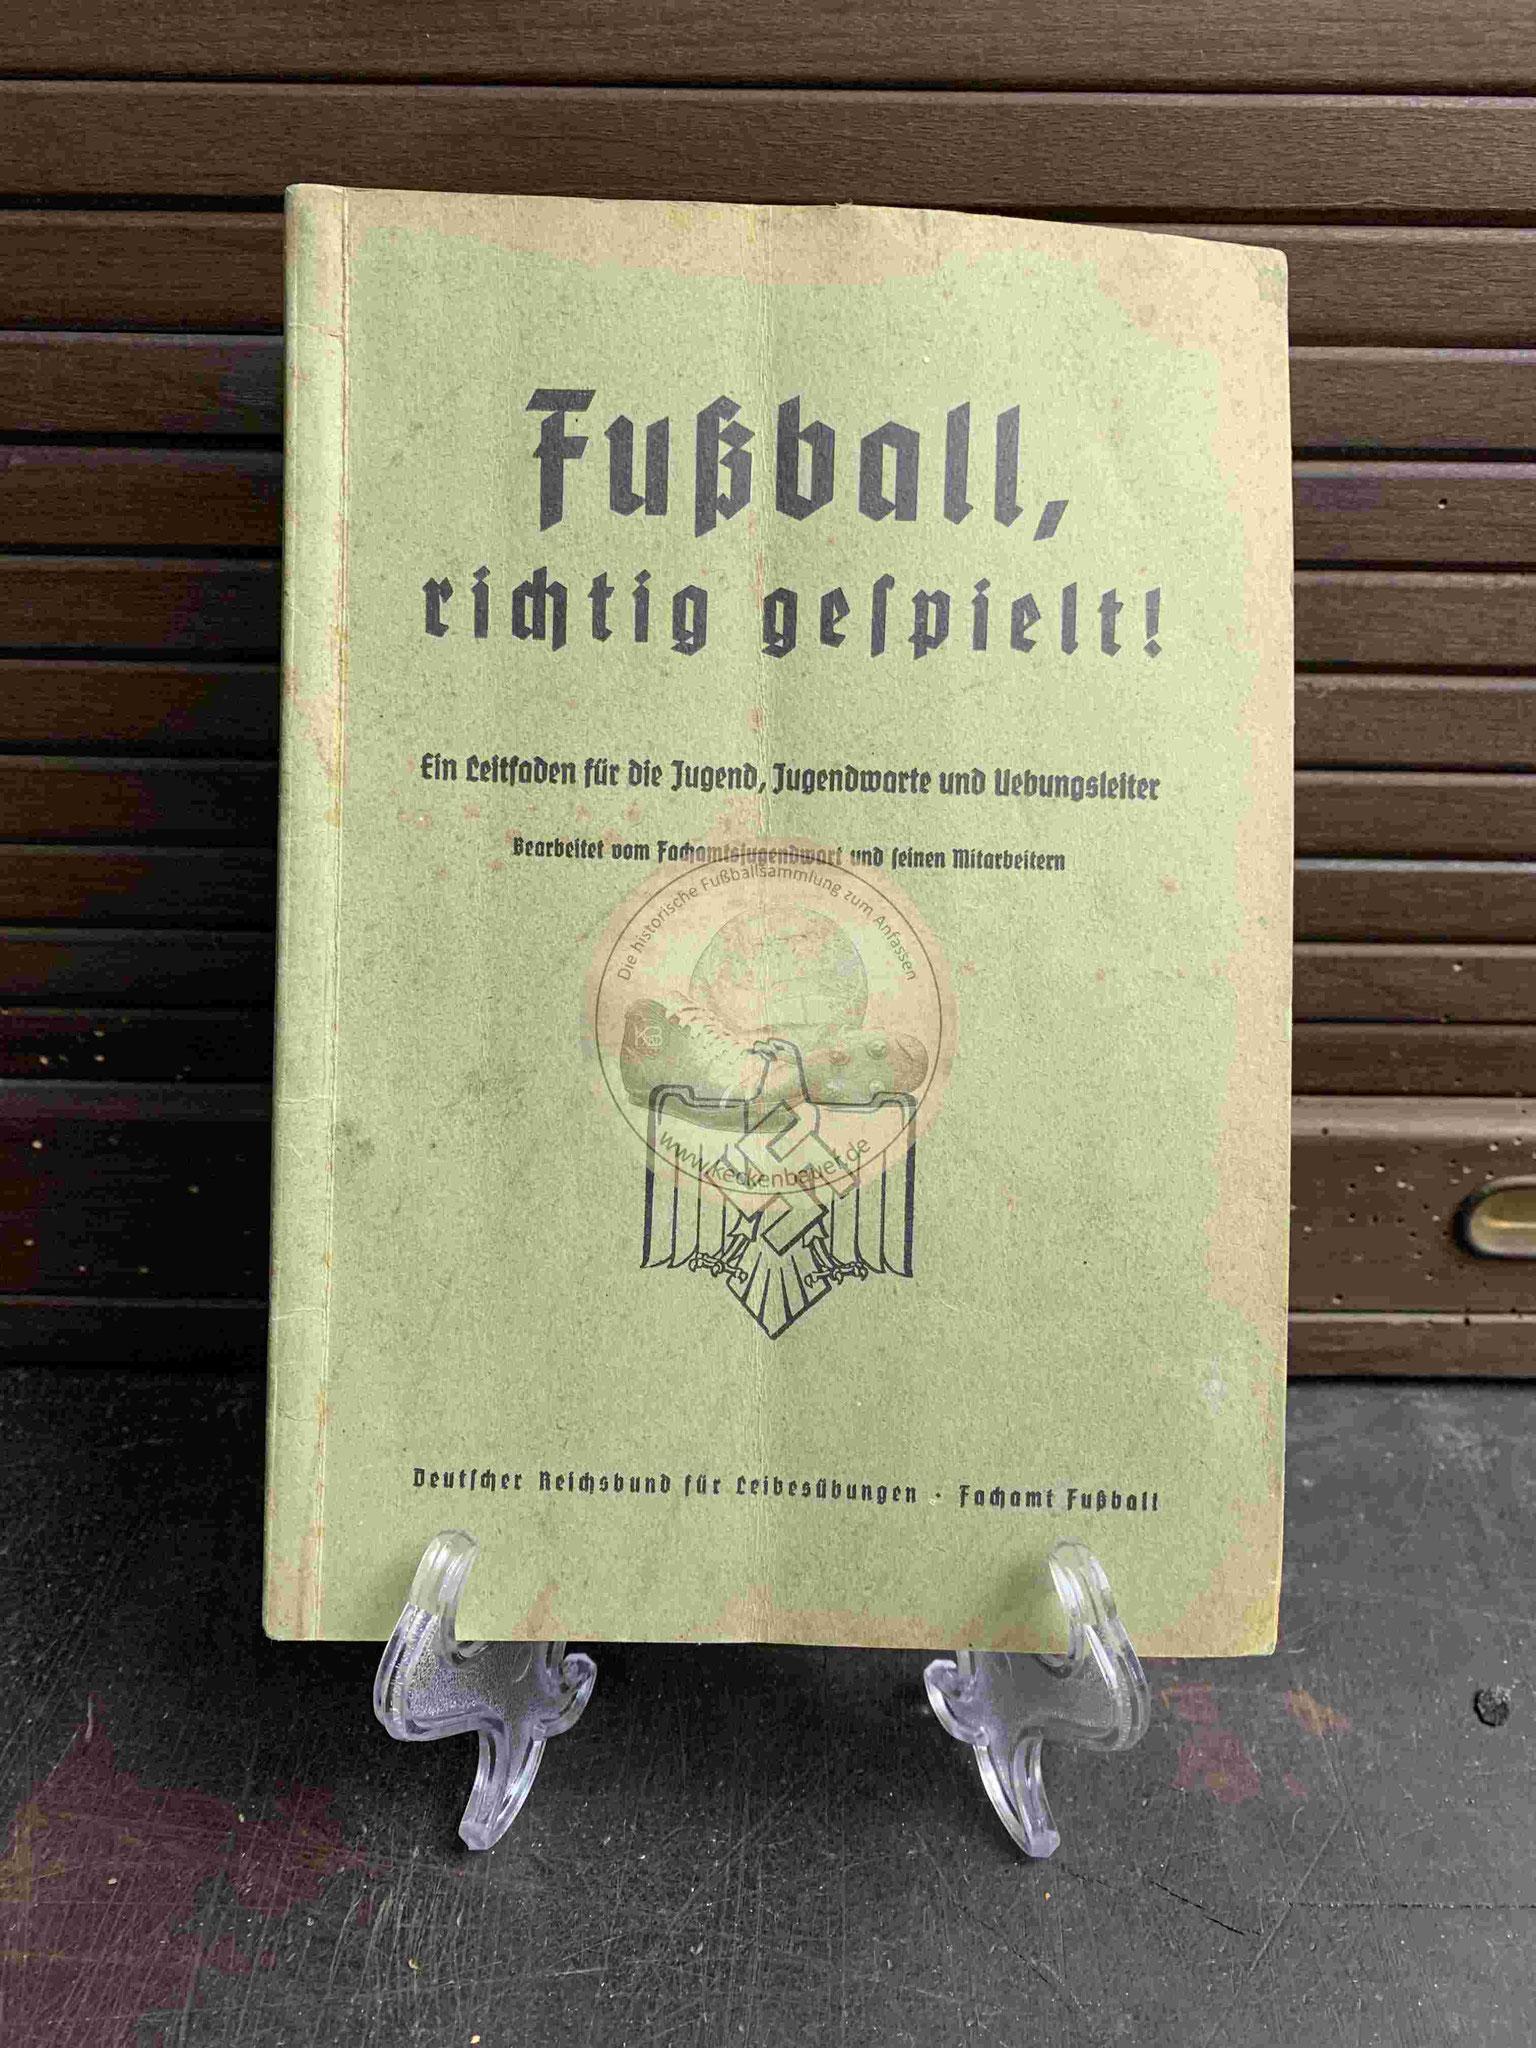 Fußball, richtig gespielt! Ein Leitfaden für die Jugend, Jugendwarte und Uebungsleiter aus dem Jahr 1937